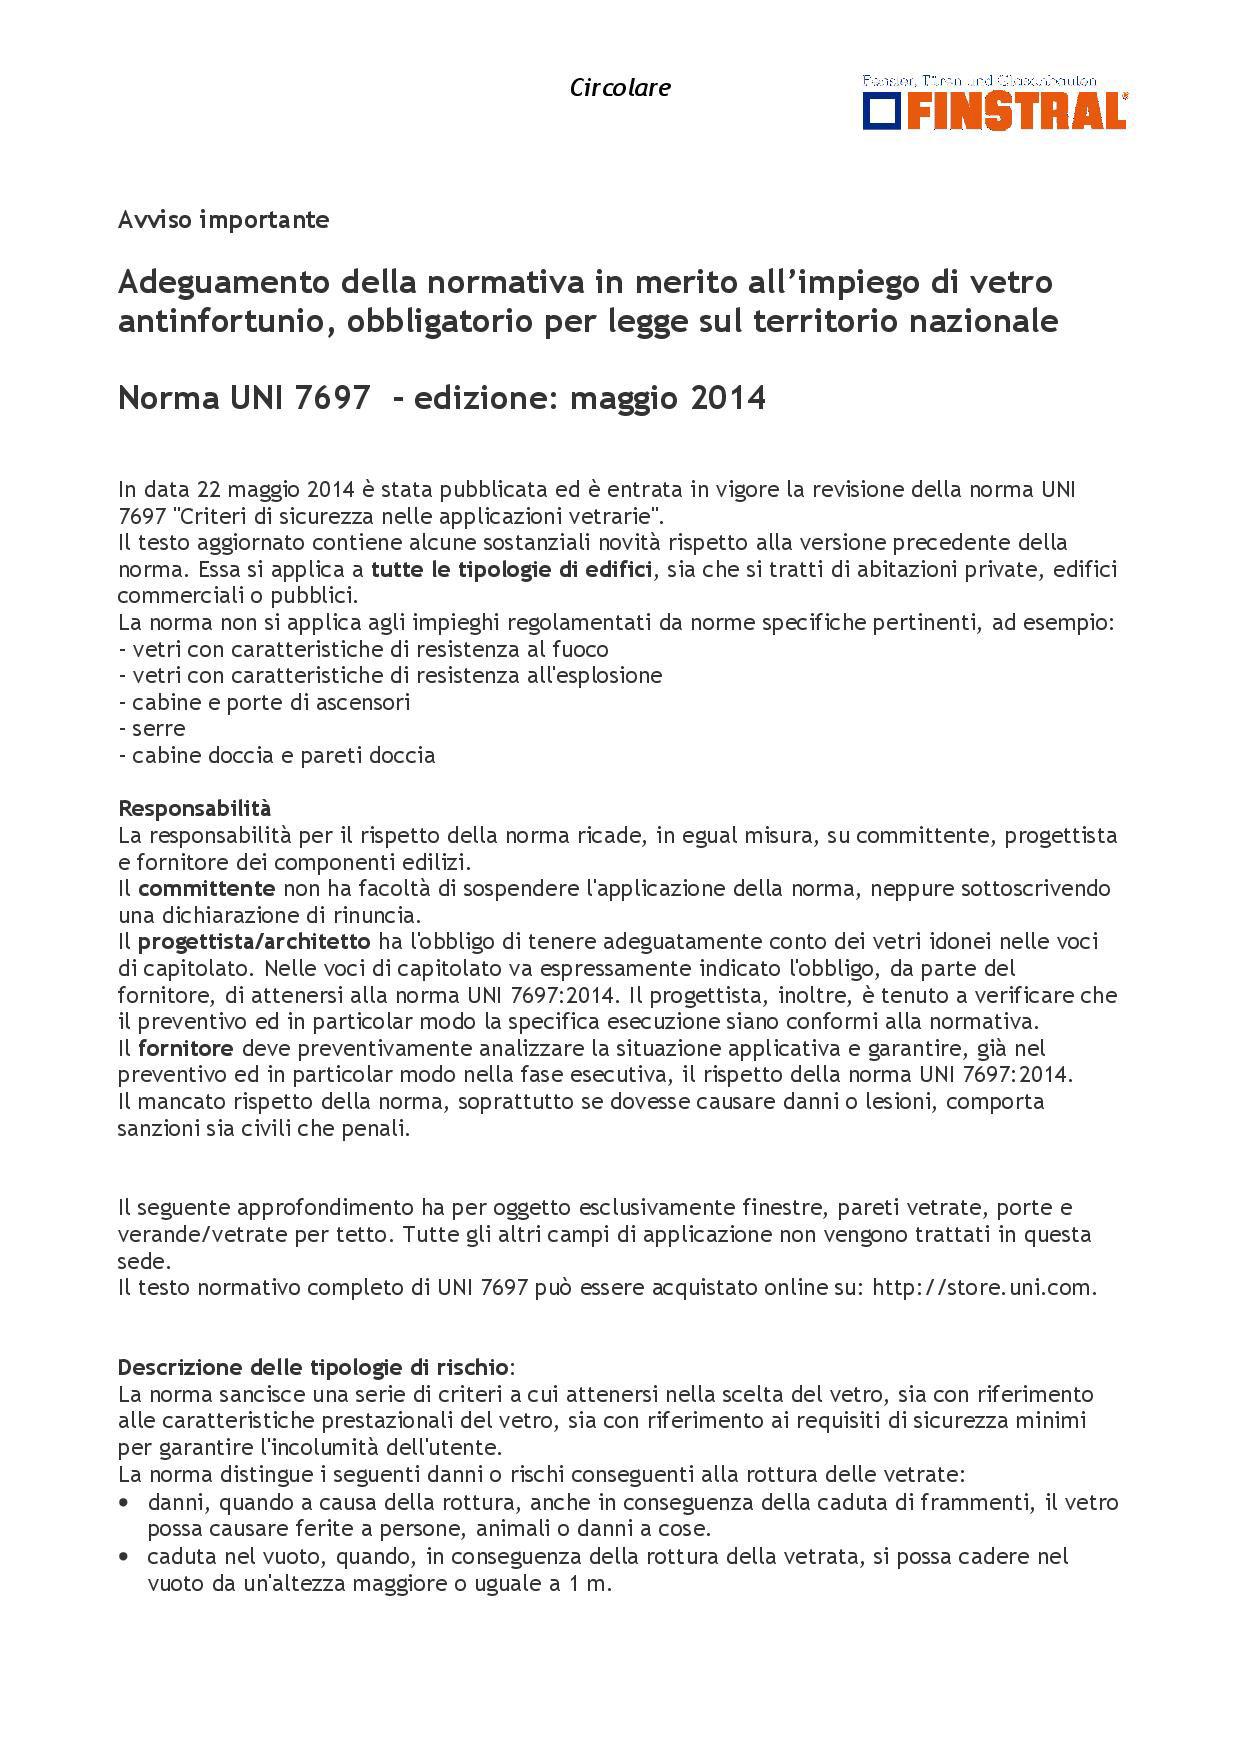 Revisione-Norma-UNI-7697_IT-page-001